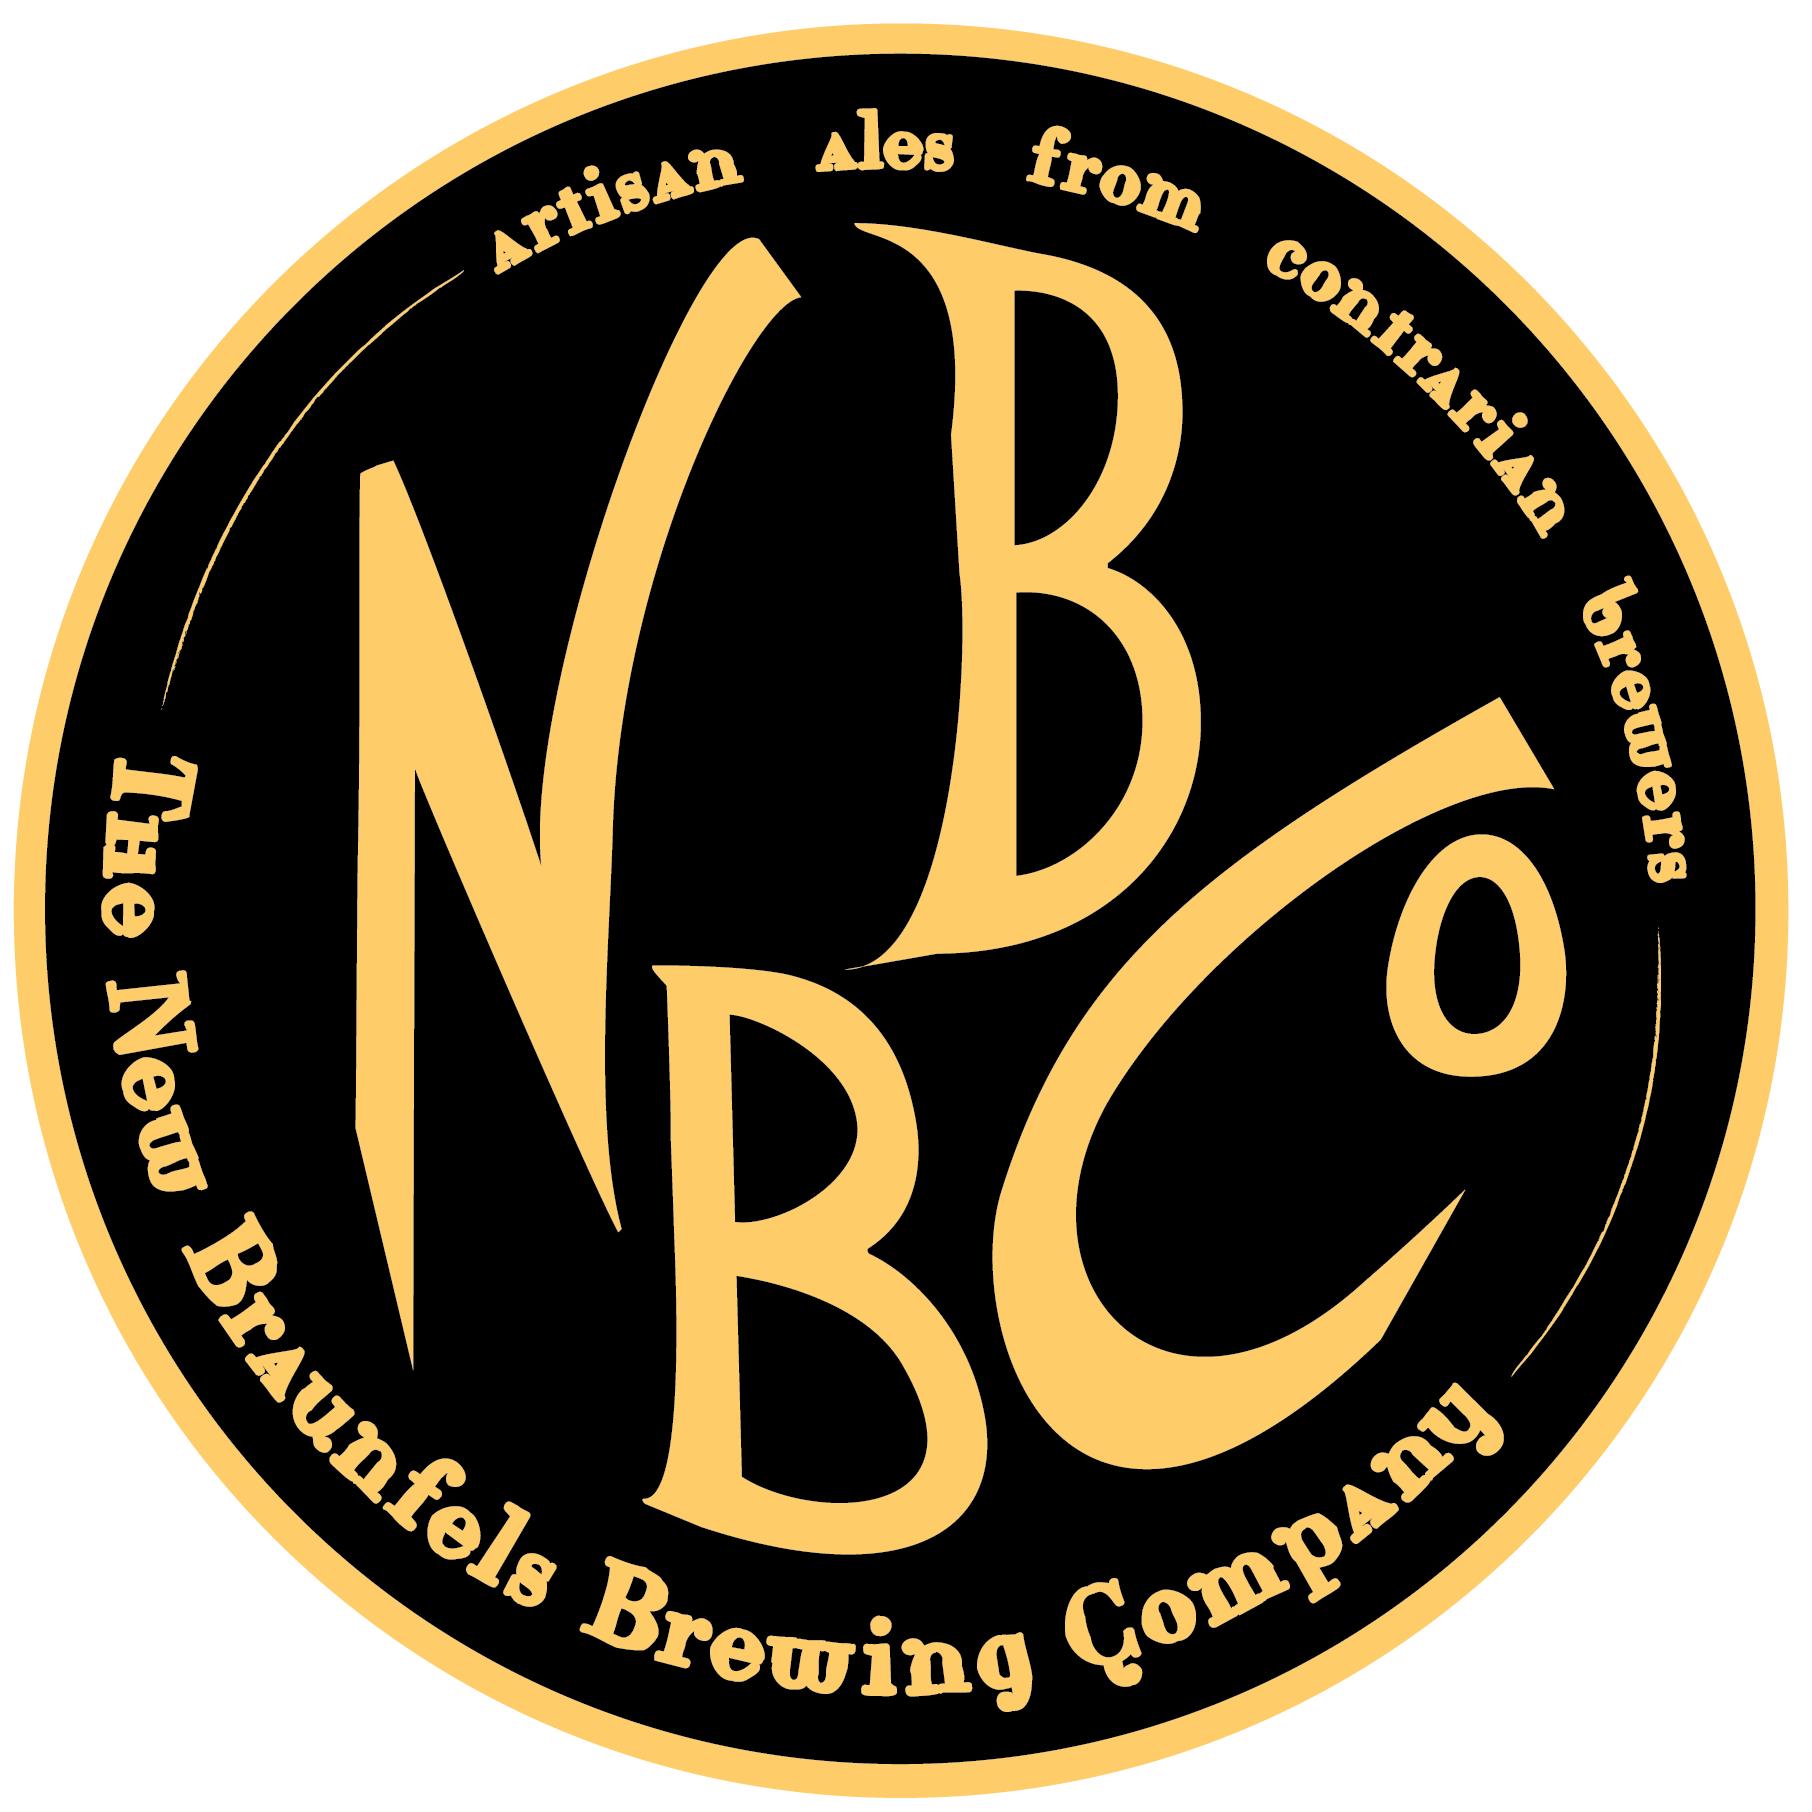 New Braunfels Brewing Company Logo